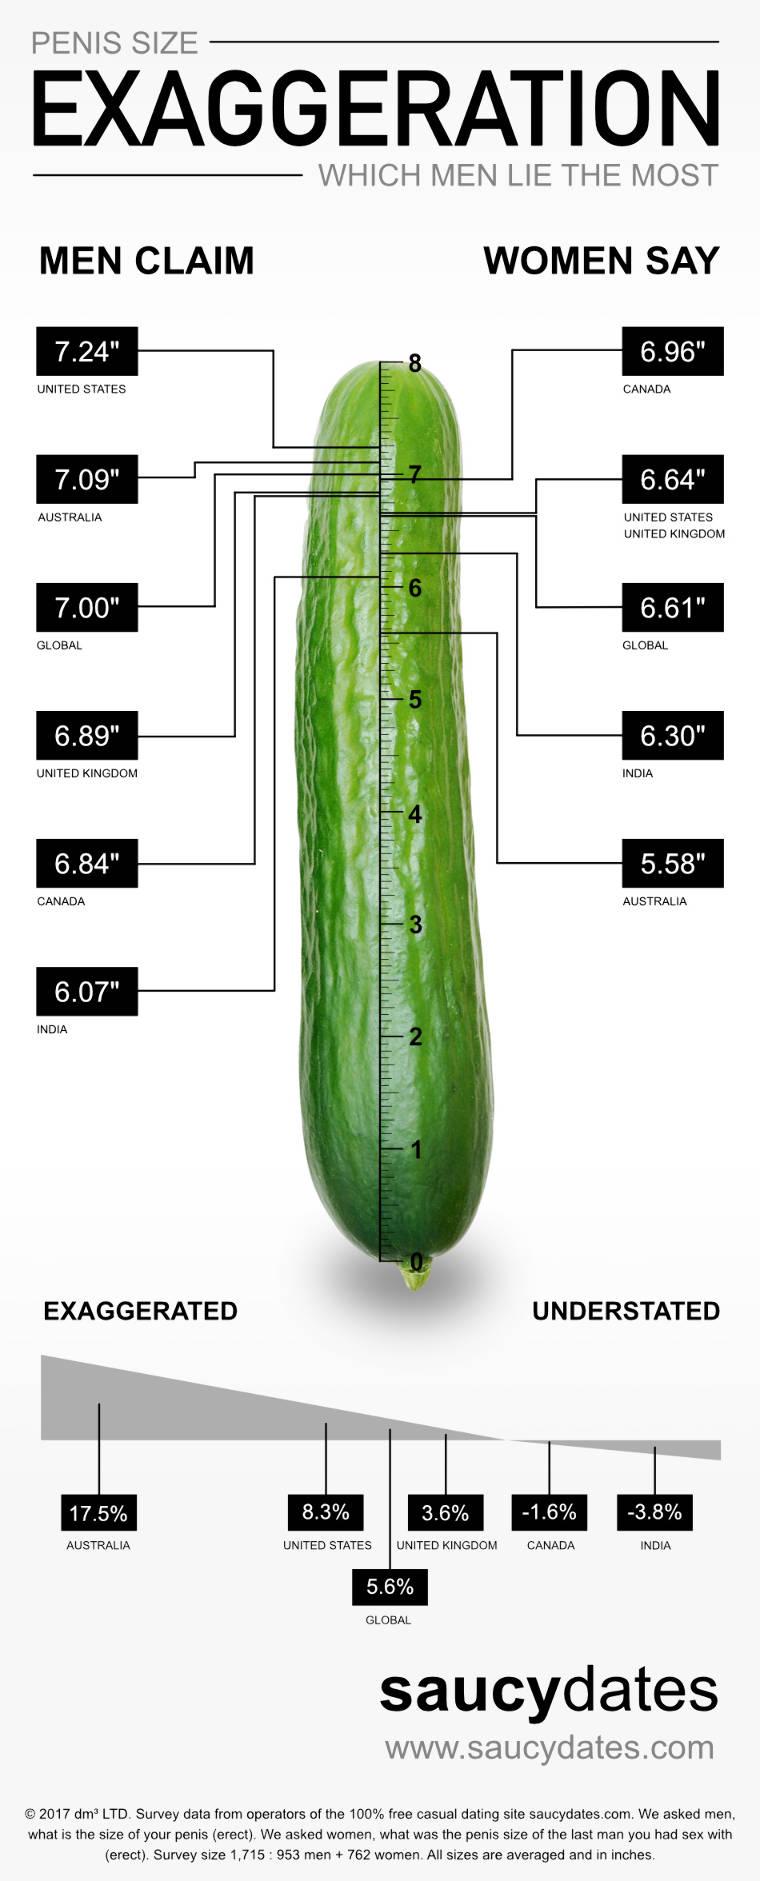 Plázs: Kiderült, hogy mekkora az átlagos pénisz   magneses-ekszer.hu